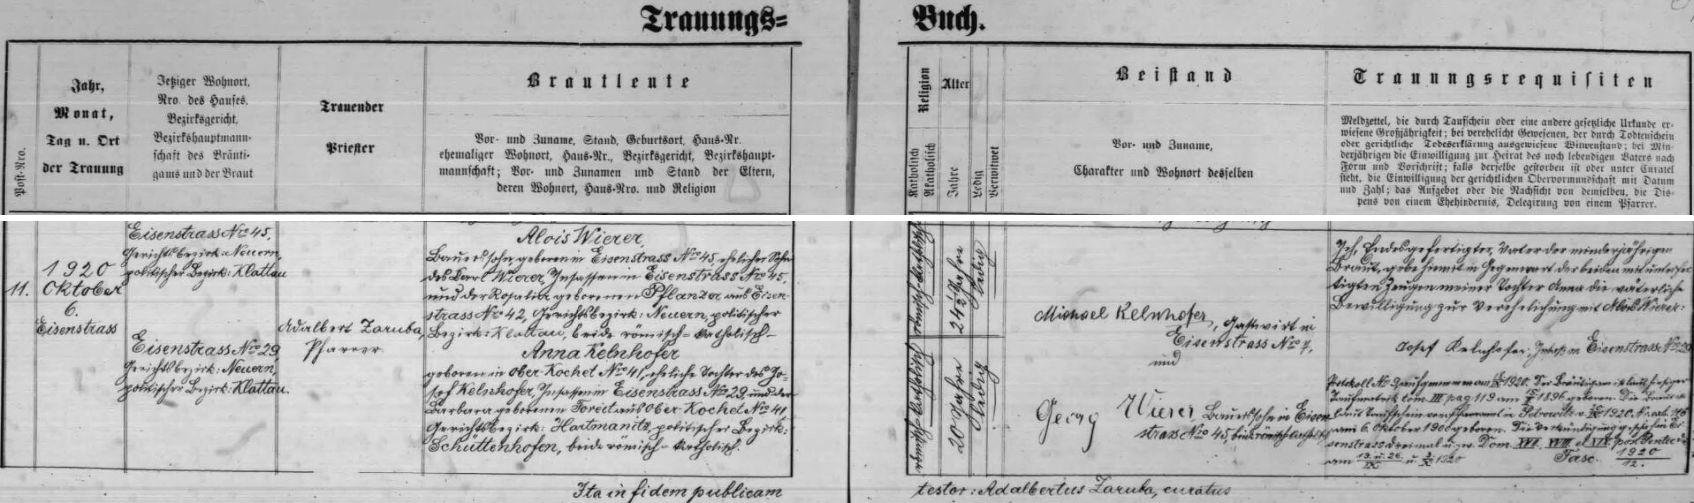 Záznam oddací matriky farní obce Hojsova Stráž o zdejší svatbě jejích rodičů dne 6. října roku 1920 - ženicha, čtyřiadvacet a půl roku starého rolníka Aloise Wierera, narozeného 15. února 1896 v Hojsově Stráži čp. 45, manželského syna zde usedlého Karla Wierera a Rosalie, roz. Pflanzerové z Hojsovy Stráže čp. 42, sezdává tu farář Adalbert Zaruba s dvacetiletou Annou Kelnhoferovou, narozenou dne 6. října roku 1900 v Horním Kochánově (Ober-Kochet) čp. 41, manželskou dcerou Josefa Kelnhofera, usedlého v Hojsově Stráži čp. 29, a Barbary, roz. Foreitové zHorního Kochánova čp. 41 - jako svědkové jsou podepsáni Michael Kelnhofer, hostinský v Hojsově Stráži čp. 7 aGeorg Wierer, rolník v Hojsově Stráži čp. 45